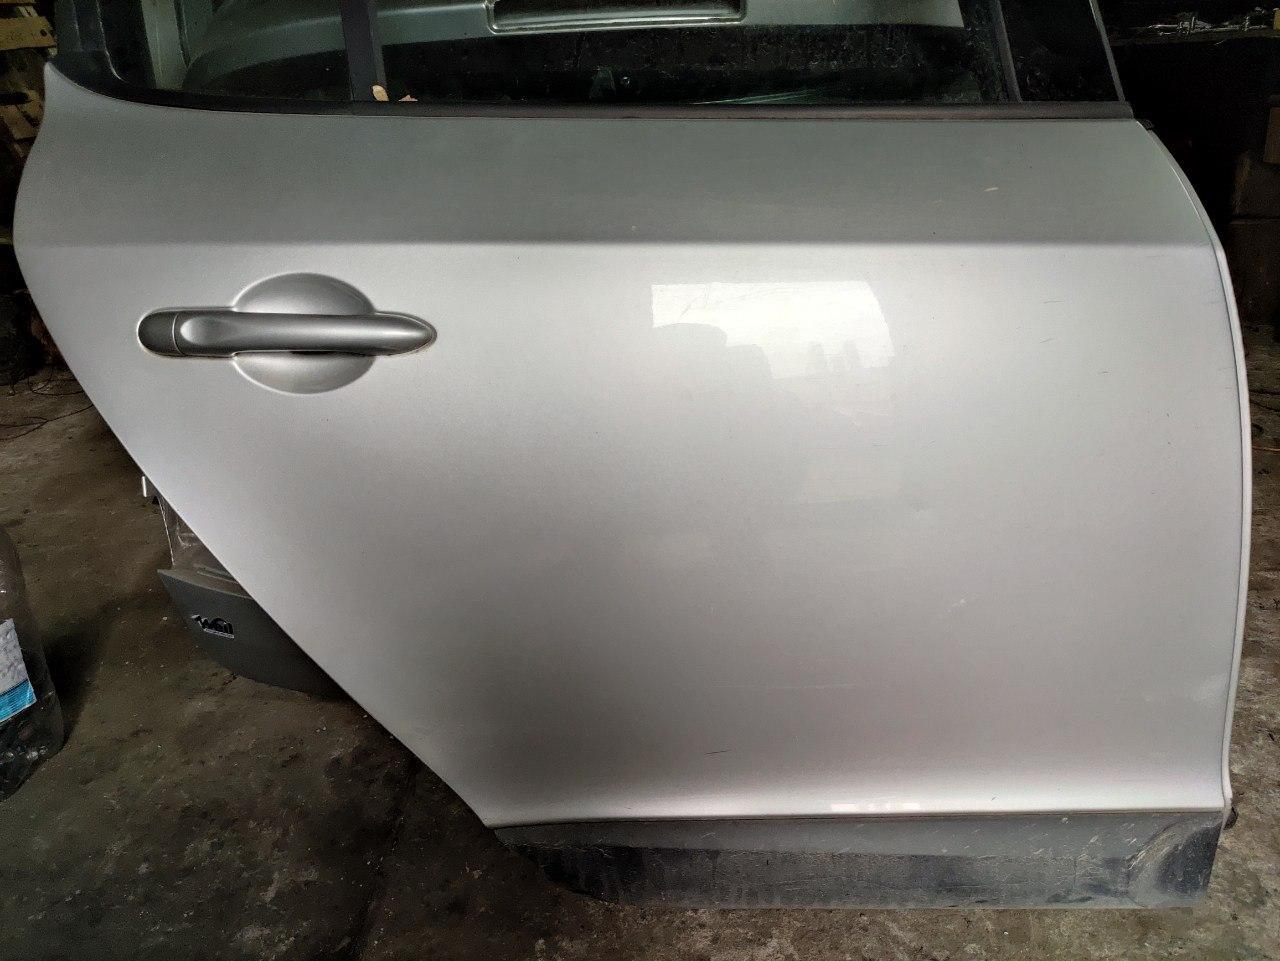 Дверка задня права (хетчбек) Renault Megane 2008-2016, 821008419R (Б/У)